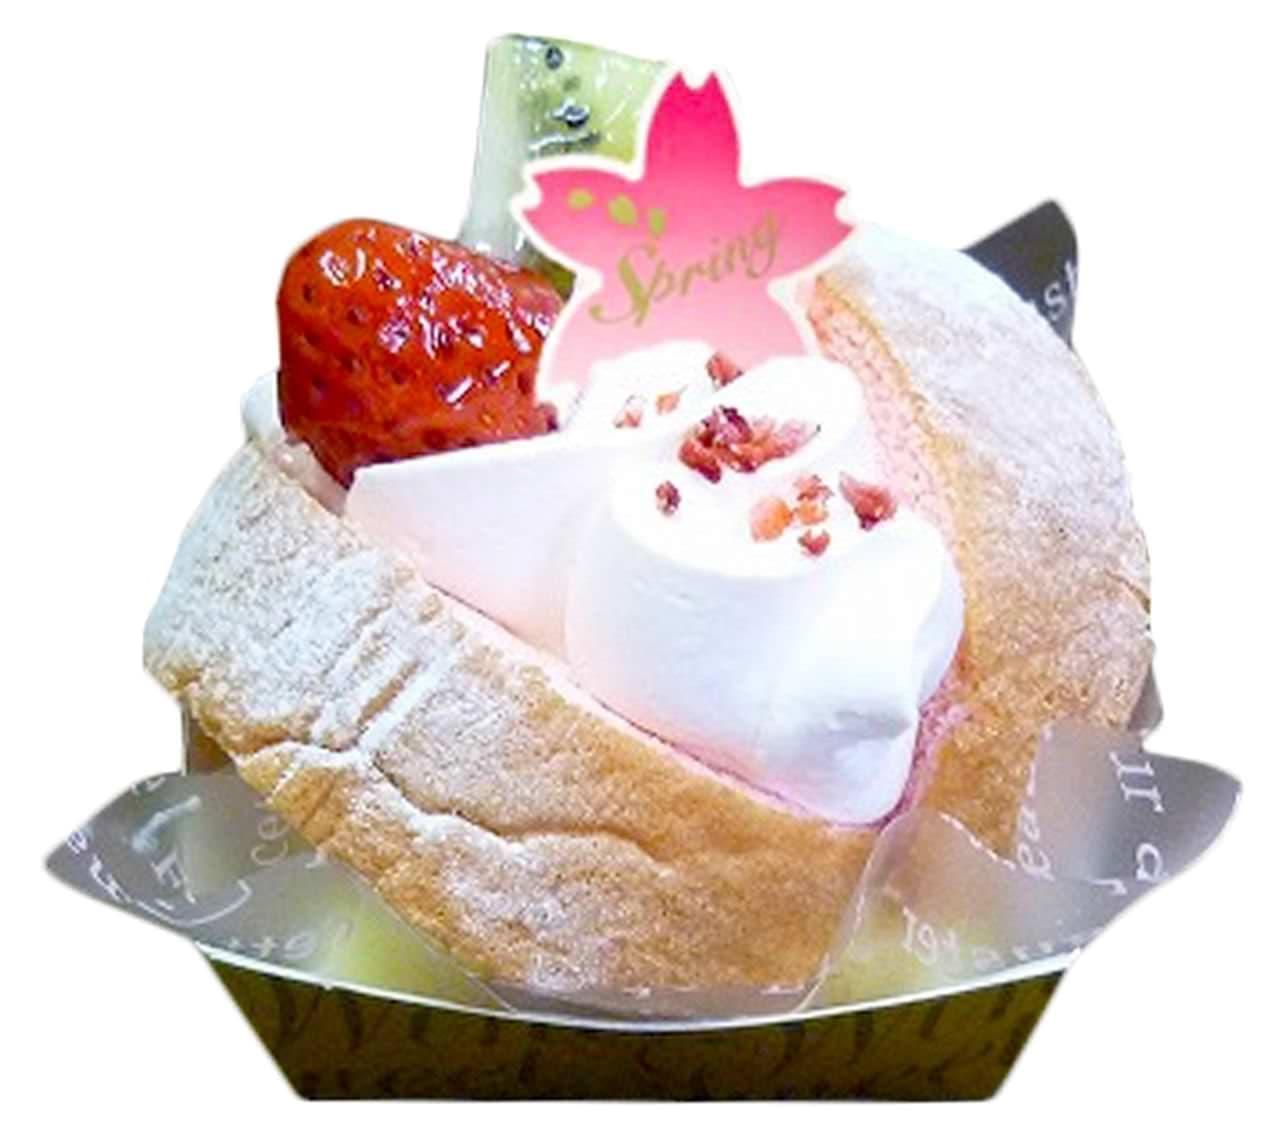 シャトレーゼ「春の桜のデザートロールカップ」